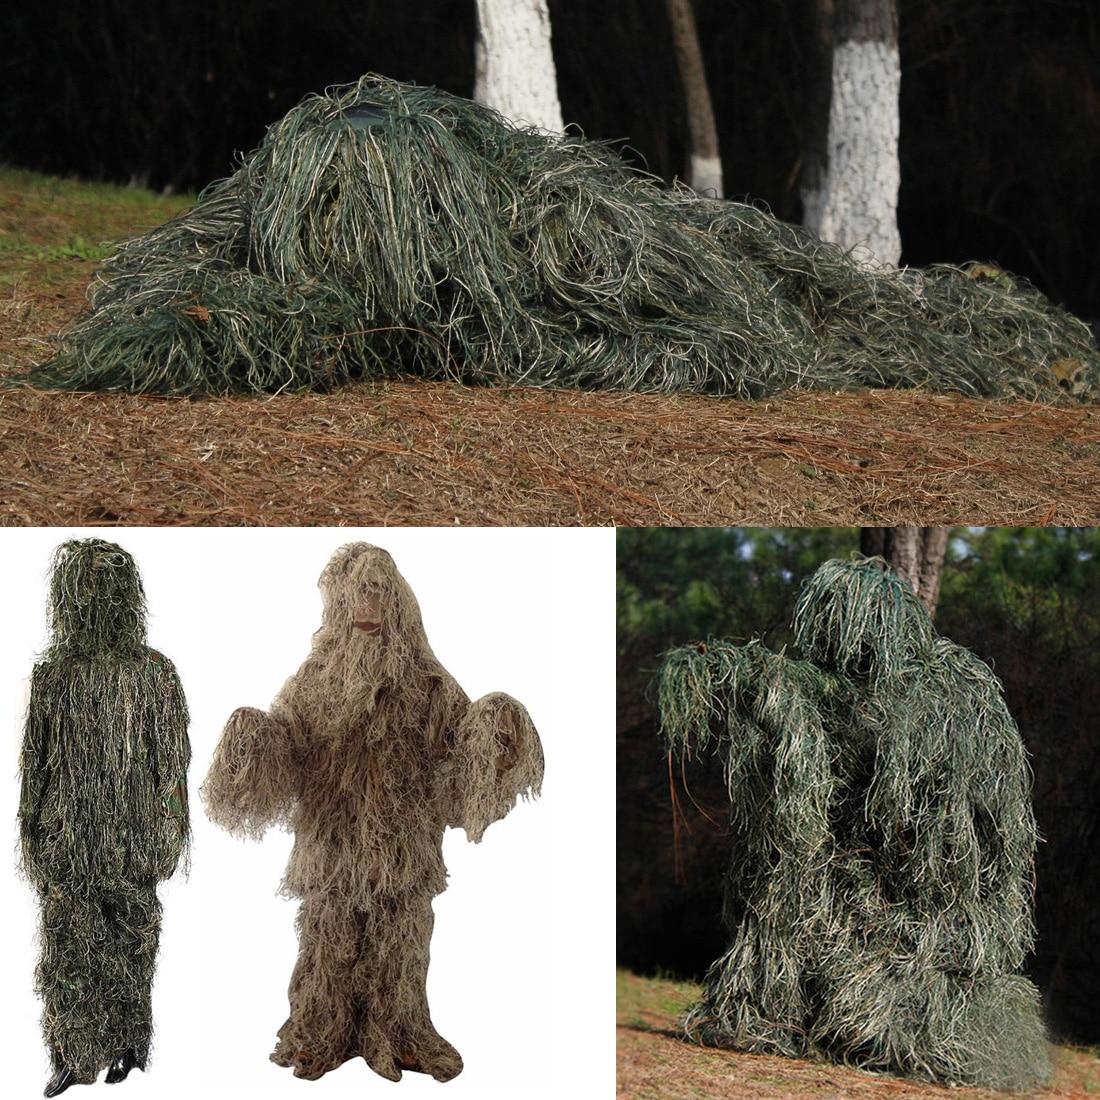 Unisexe Réglable Taille Camouflage Costumes Woodland Vêtements Ghillie Costume Pour La Chasse Armée Militaire Tactique Sniper Set Kits